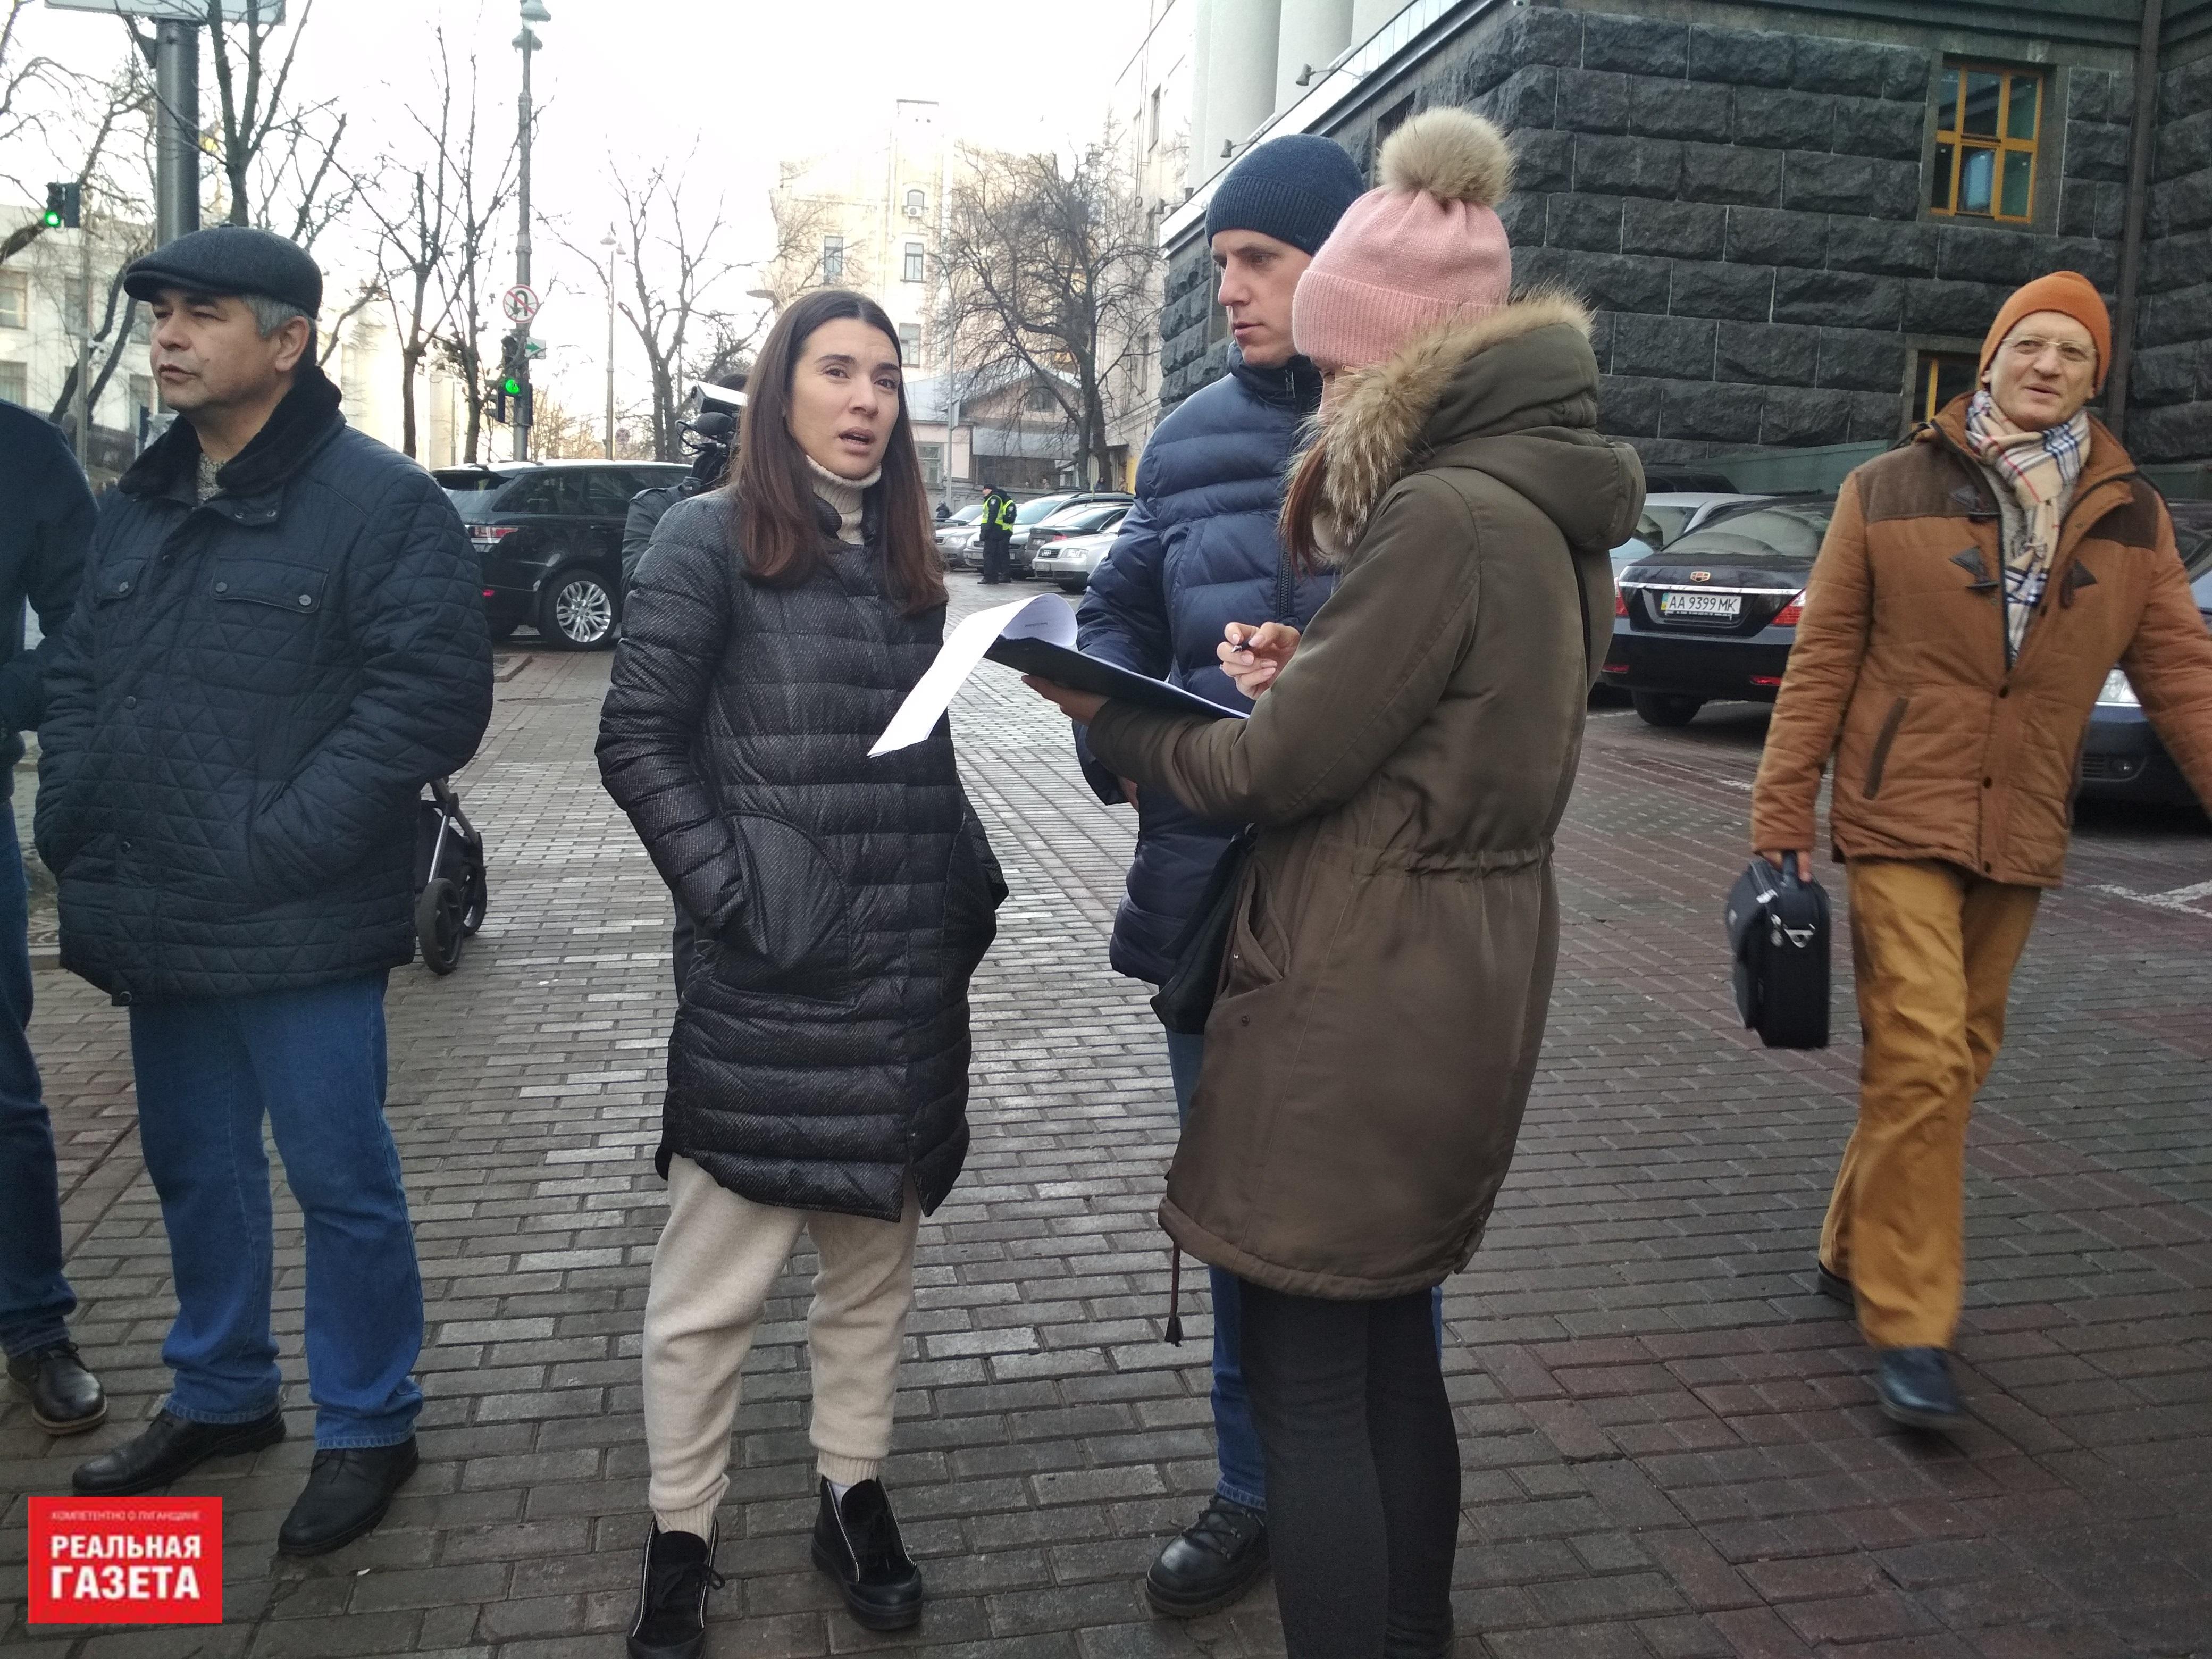 Переселенцы митинговали под Кабмином из-за срыва программы кредитования жилья (ФОТОРЕПОРТАЖ)